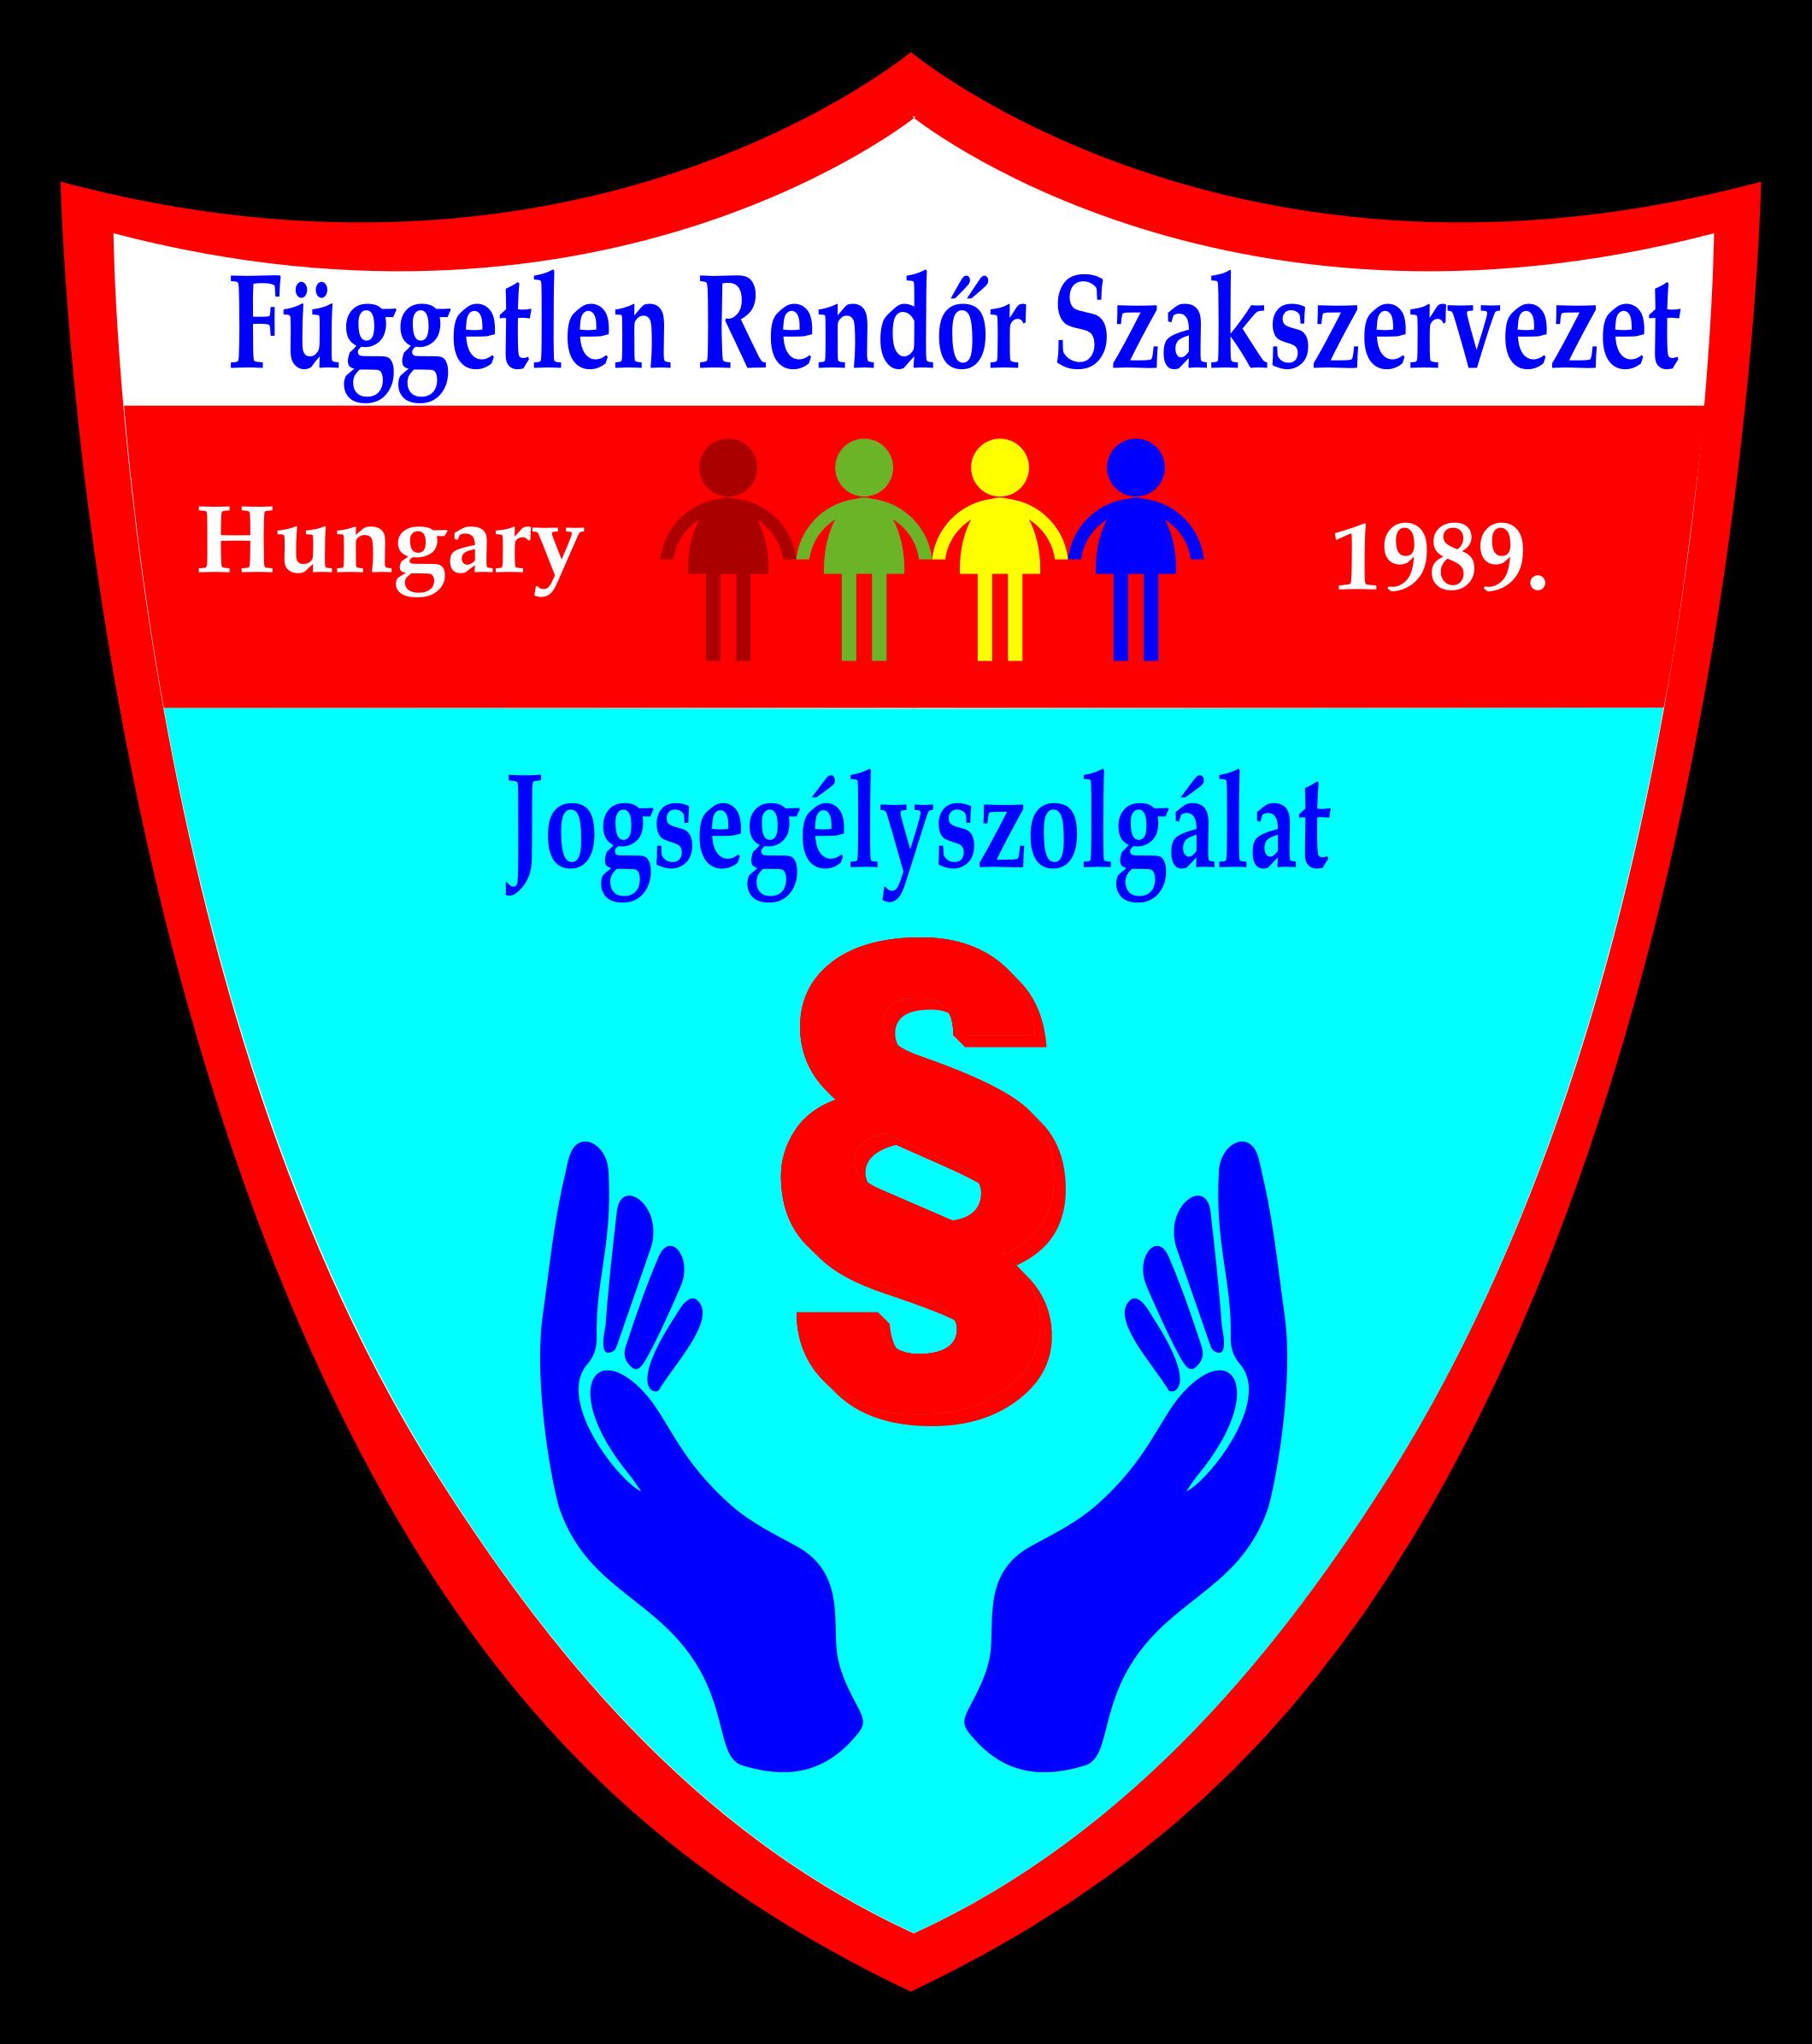 Jogsegelyszolg logo